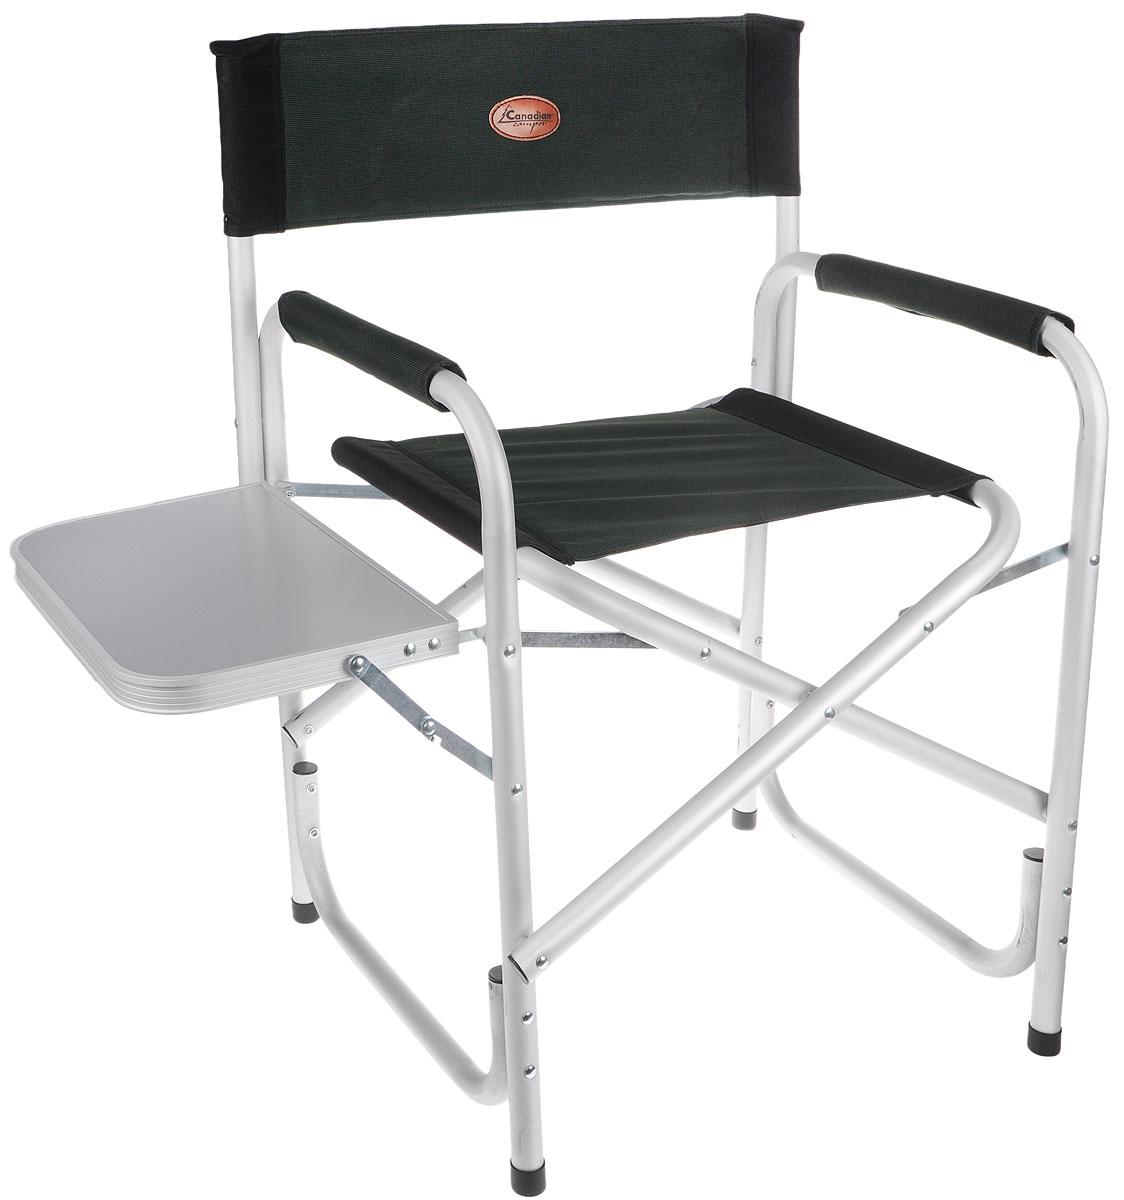 Кресло складное Canadian Camper CC-100AL, цвет: зеленый, черный, серый31100023Складное кресло Canadian Camper CC-100AL с мягкими подлокотниками предназначено для отдыха на природе, рыбалки, загородного дома. На одном из подлокотников складной барный столик. Каркас кресла выполнен из алюминиевой трубы. Специальная конструкция ножек с дополнительной нижней трубой обеспечивает прочность и препятствует проваливанию кресла в песок. Тканевые элементы кресла выполнены из стойкого к ультрафиолетовому излучению материала. В сложенном состоянии представляет собой плоский пакет, что упрощает его транспортировку и хранение.Размер кресла (без учета столика): 62 х 50 х 86 см.Размер столика: 39 х 25,5 см.